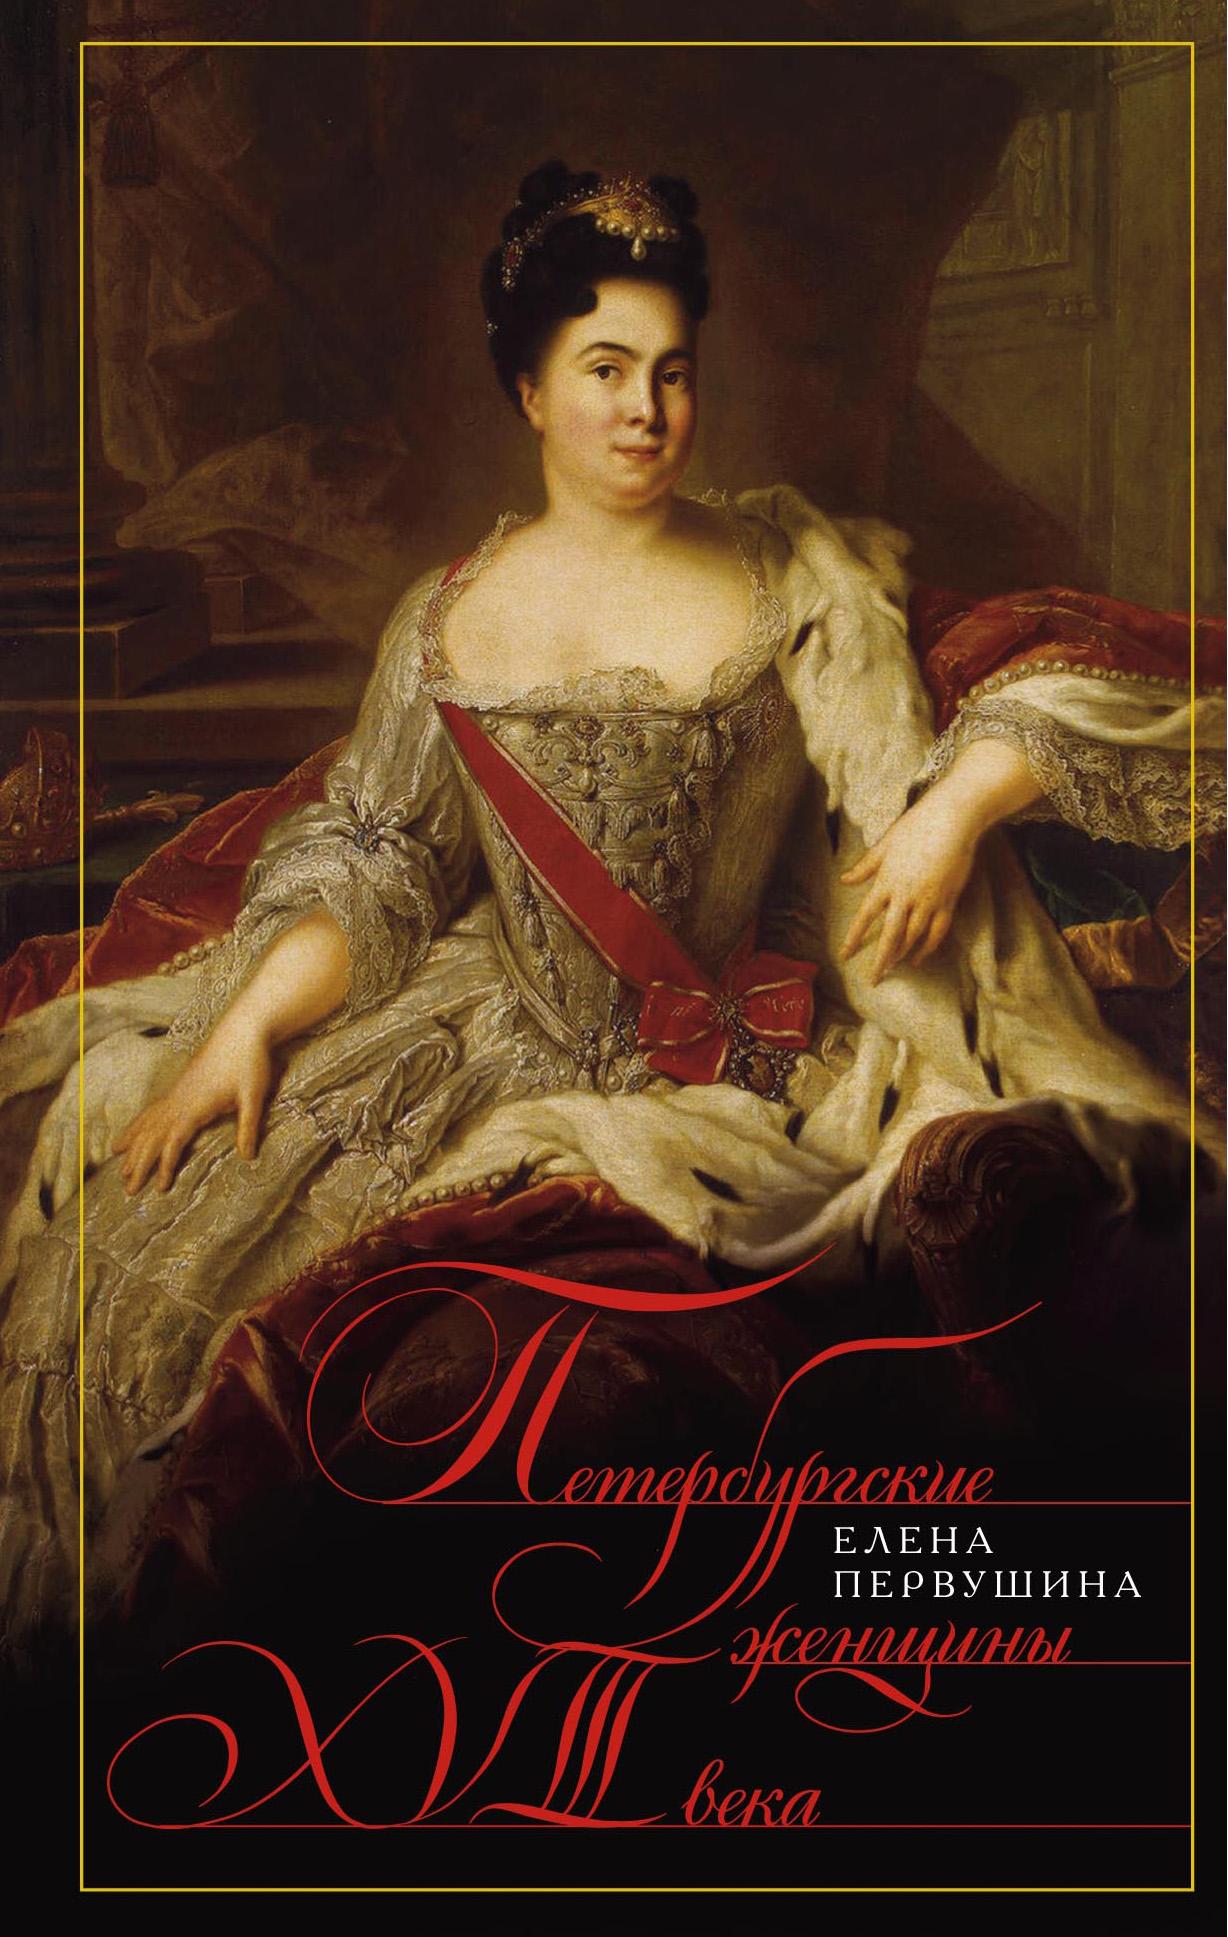 Елена Первушина Петербургские женщины XVIII века